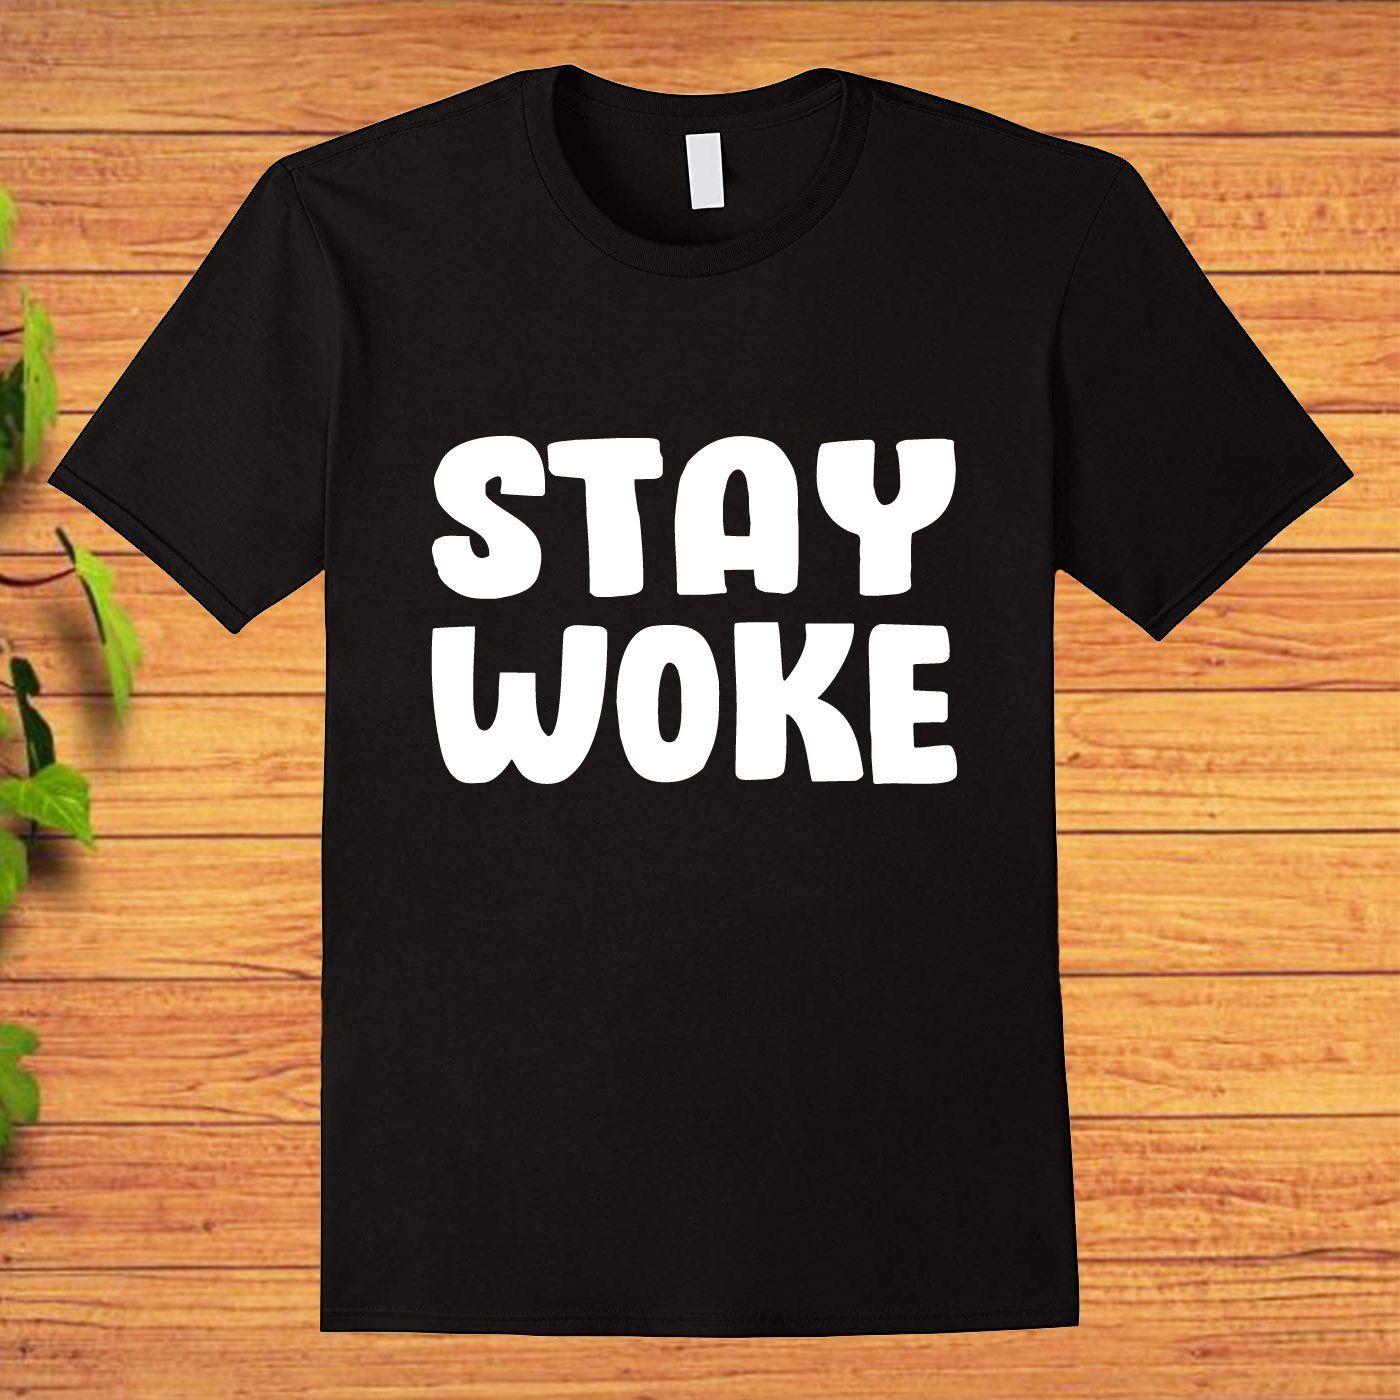 Stay Woke T-shirts